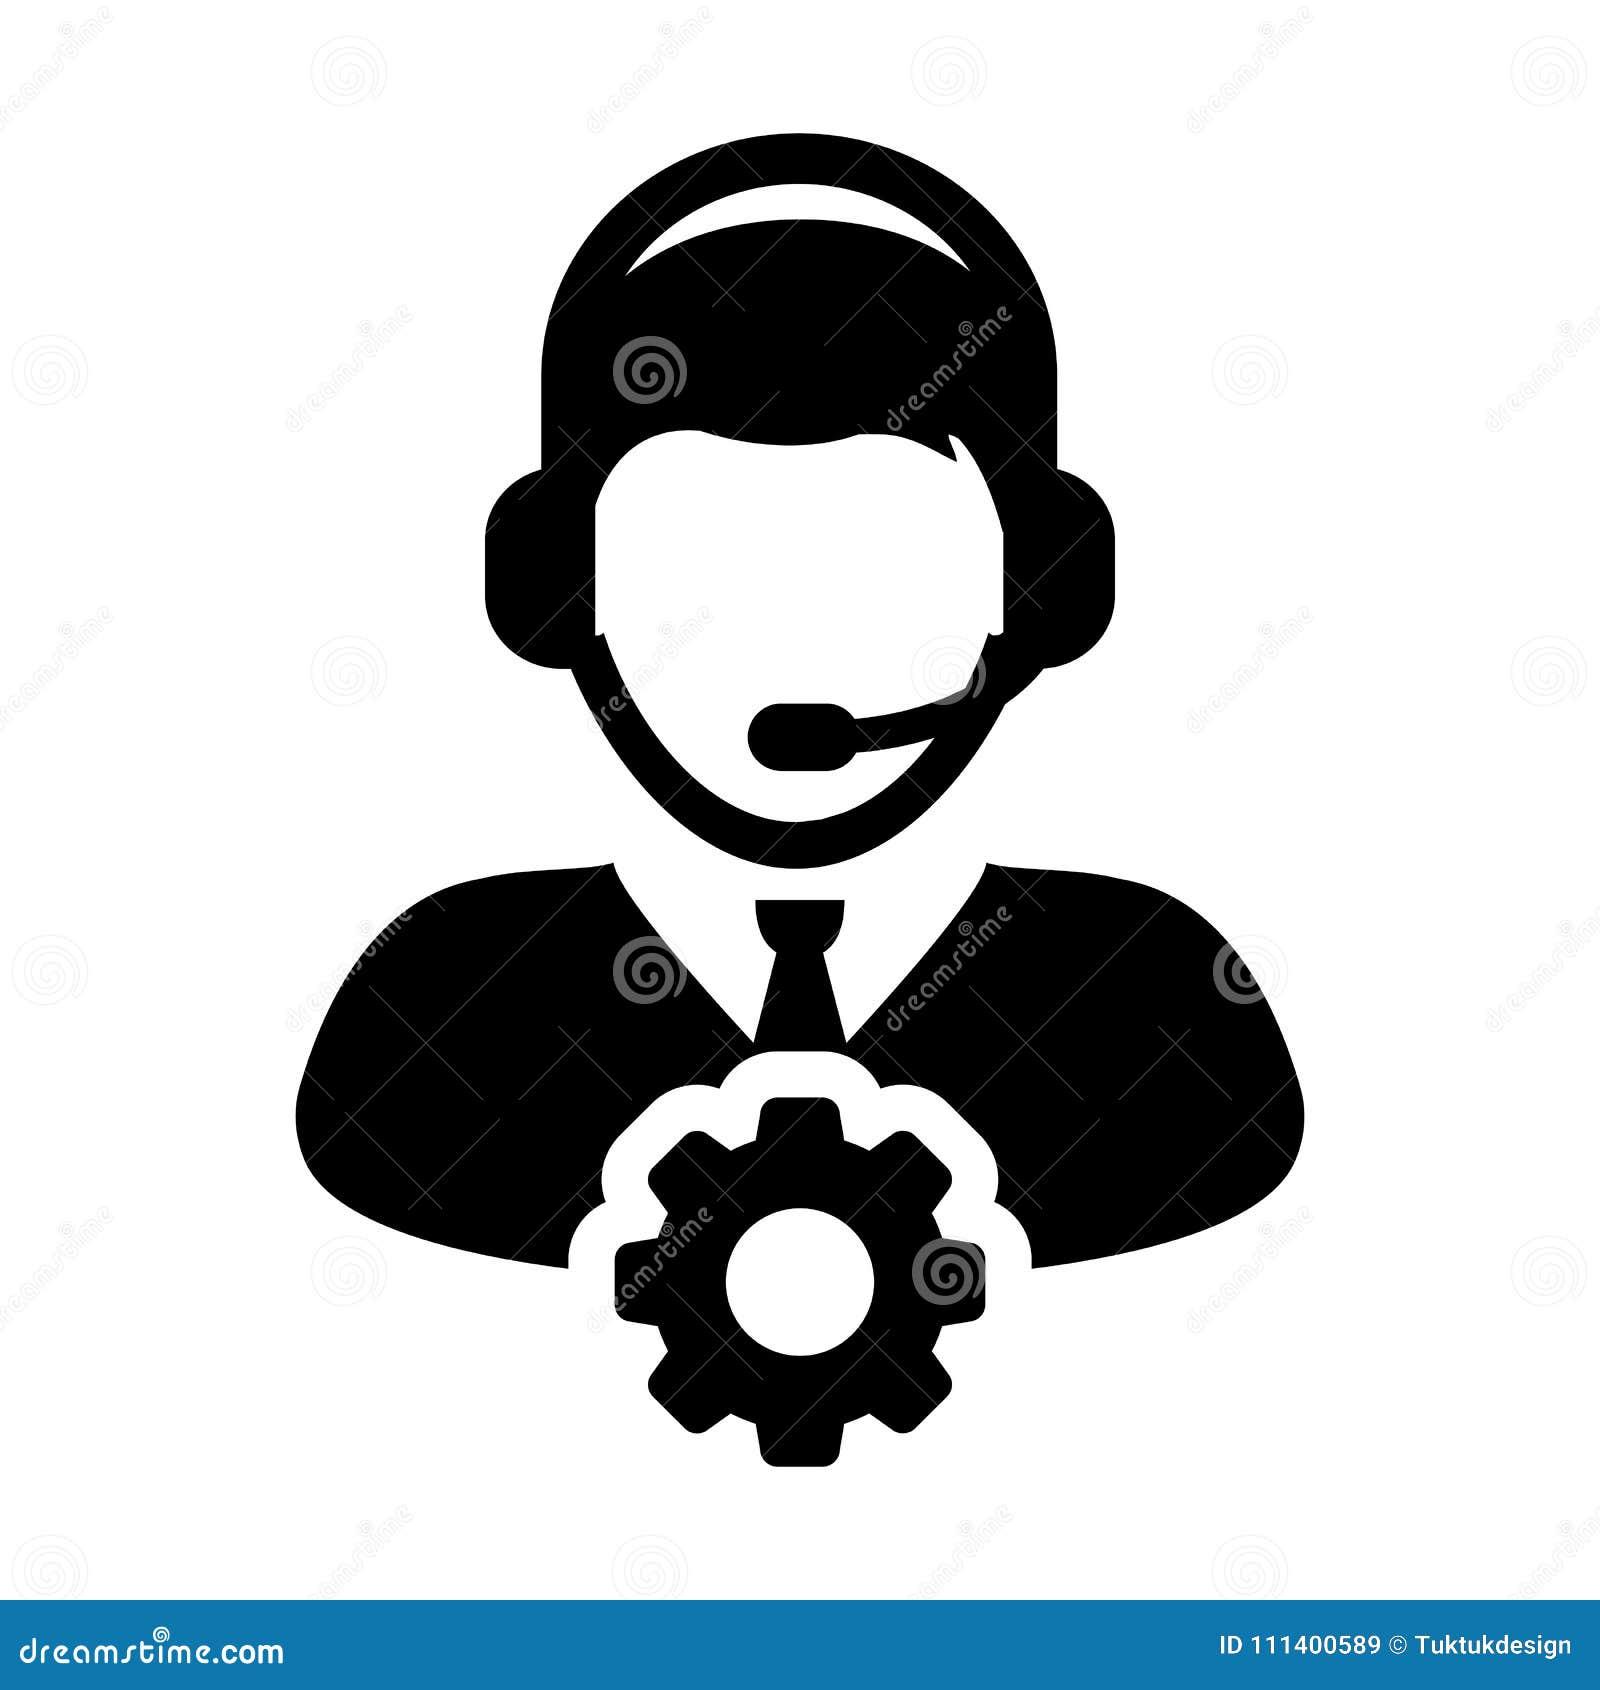 Preste serviços de manutenção ao operador masculino Person Profile Avatar do vetor do ícone com a roda denteada da engrenagem